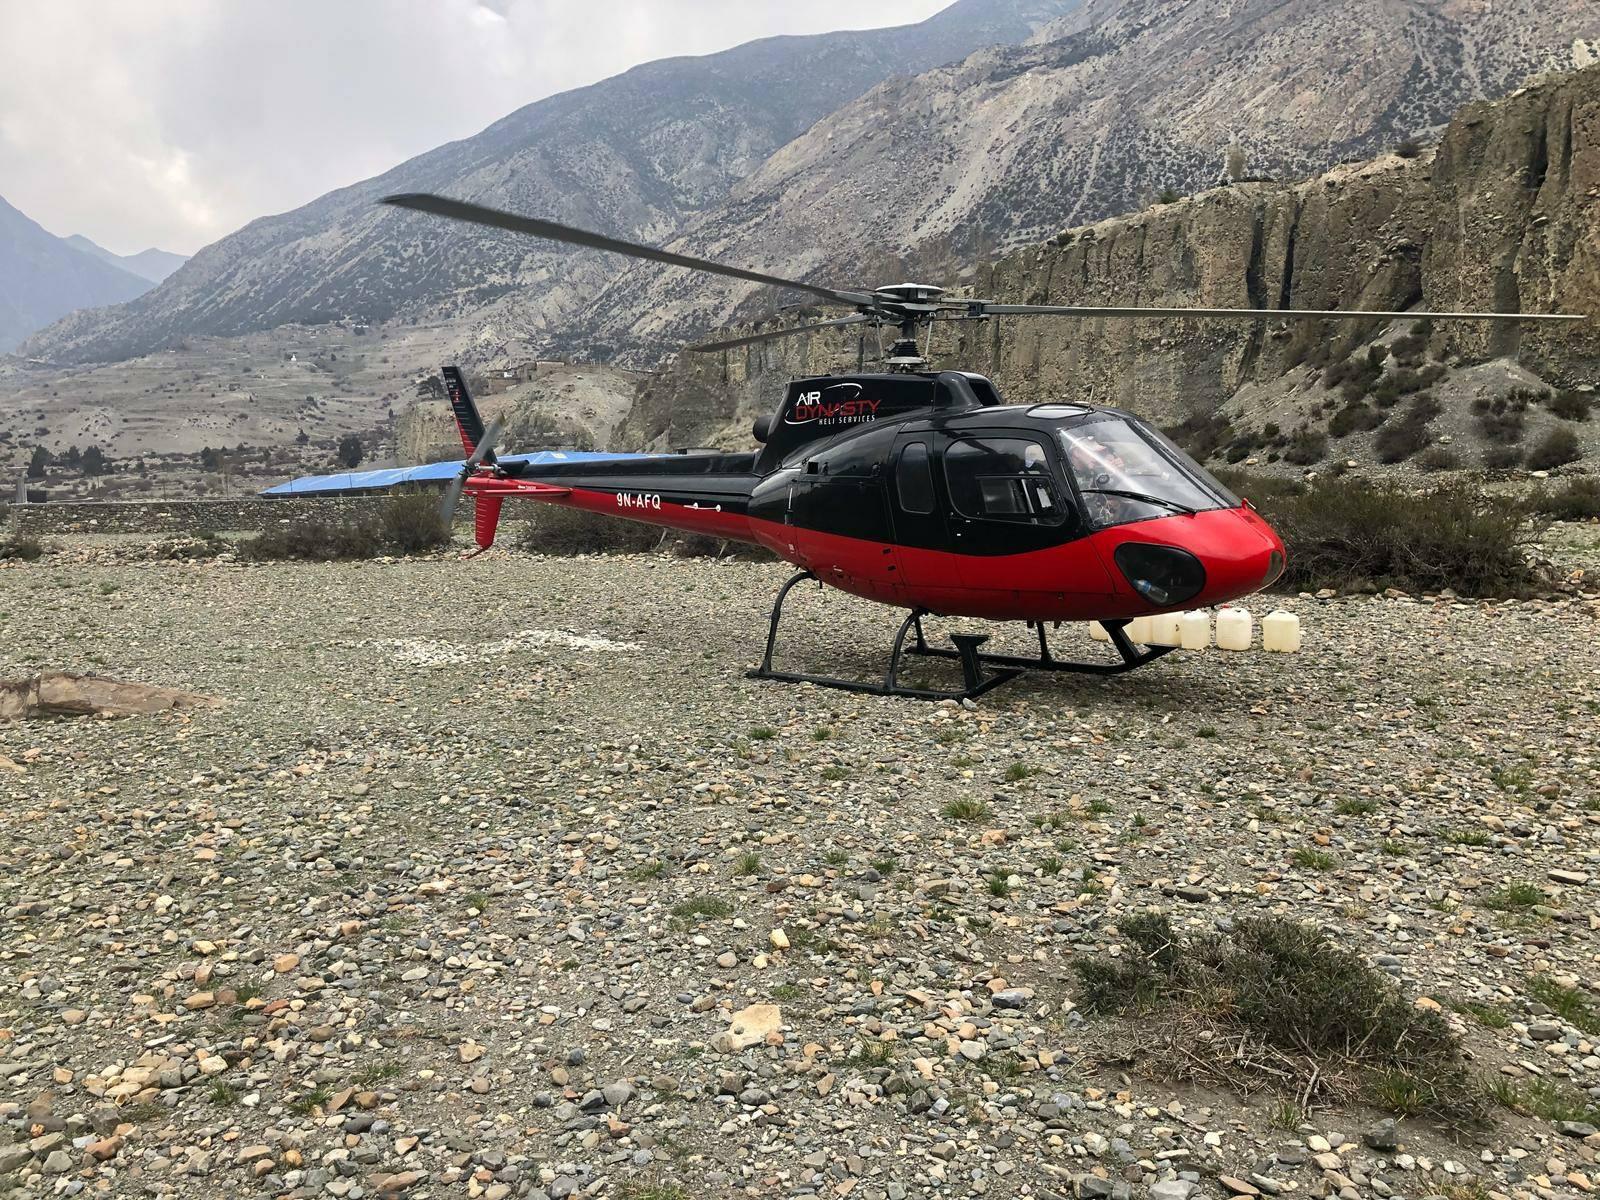 חילוץ משולש בנפאל (צילום: Magnus)